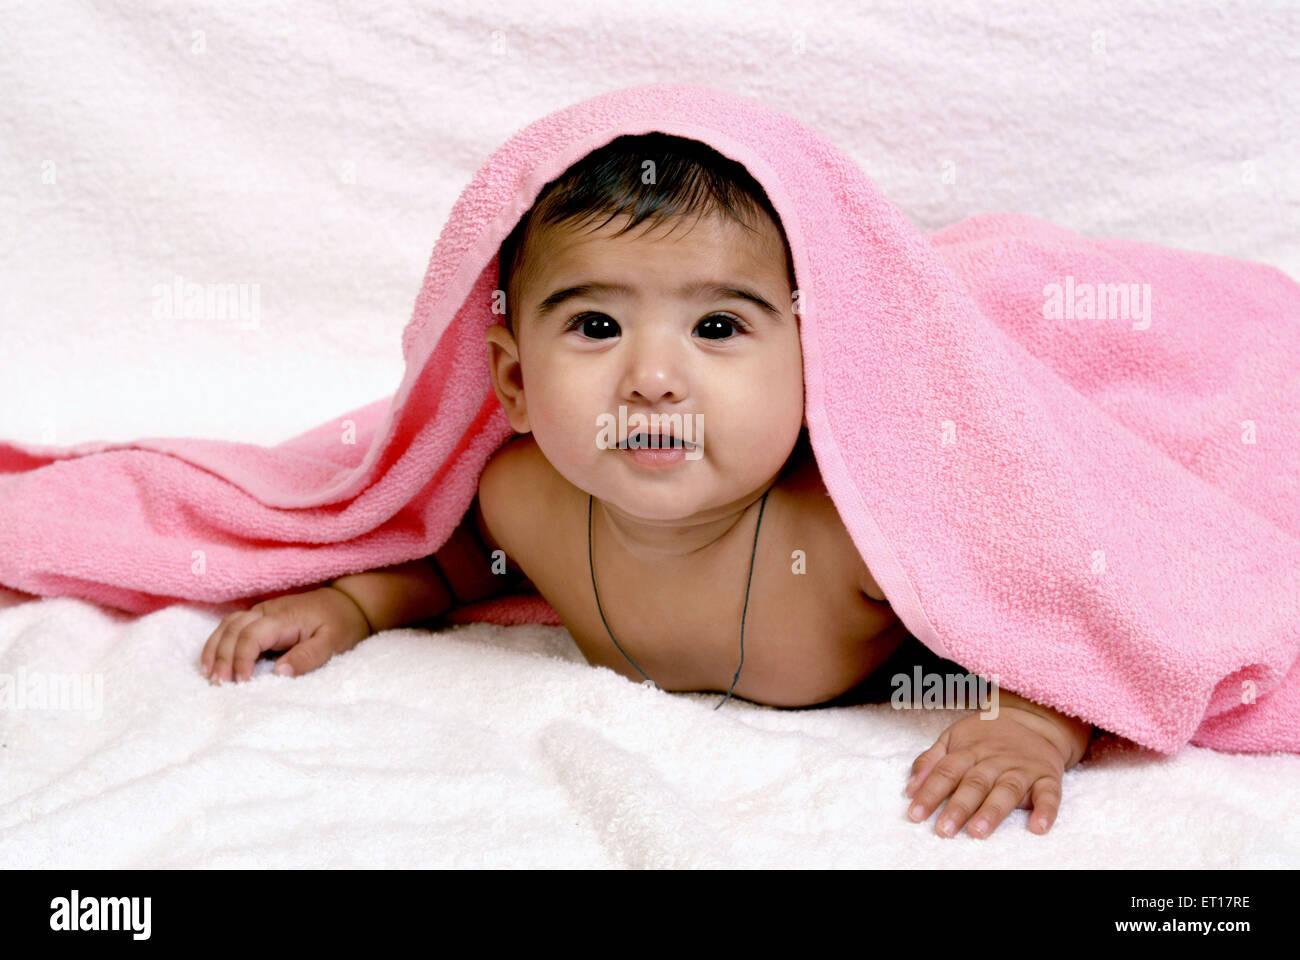 Baby Boy coprire la testa con un asciugamano rosa India Asia signor#364 Immagini Stock